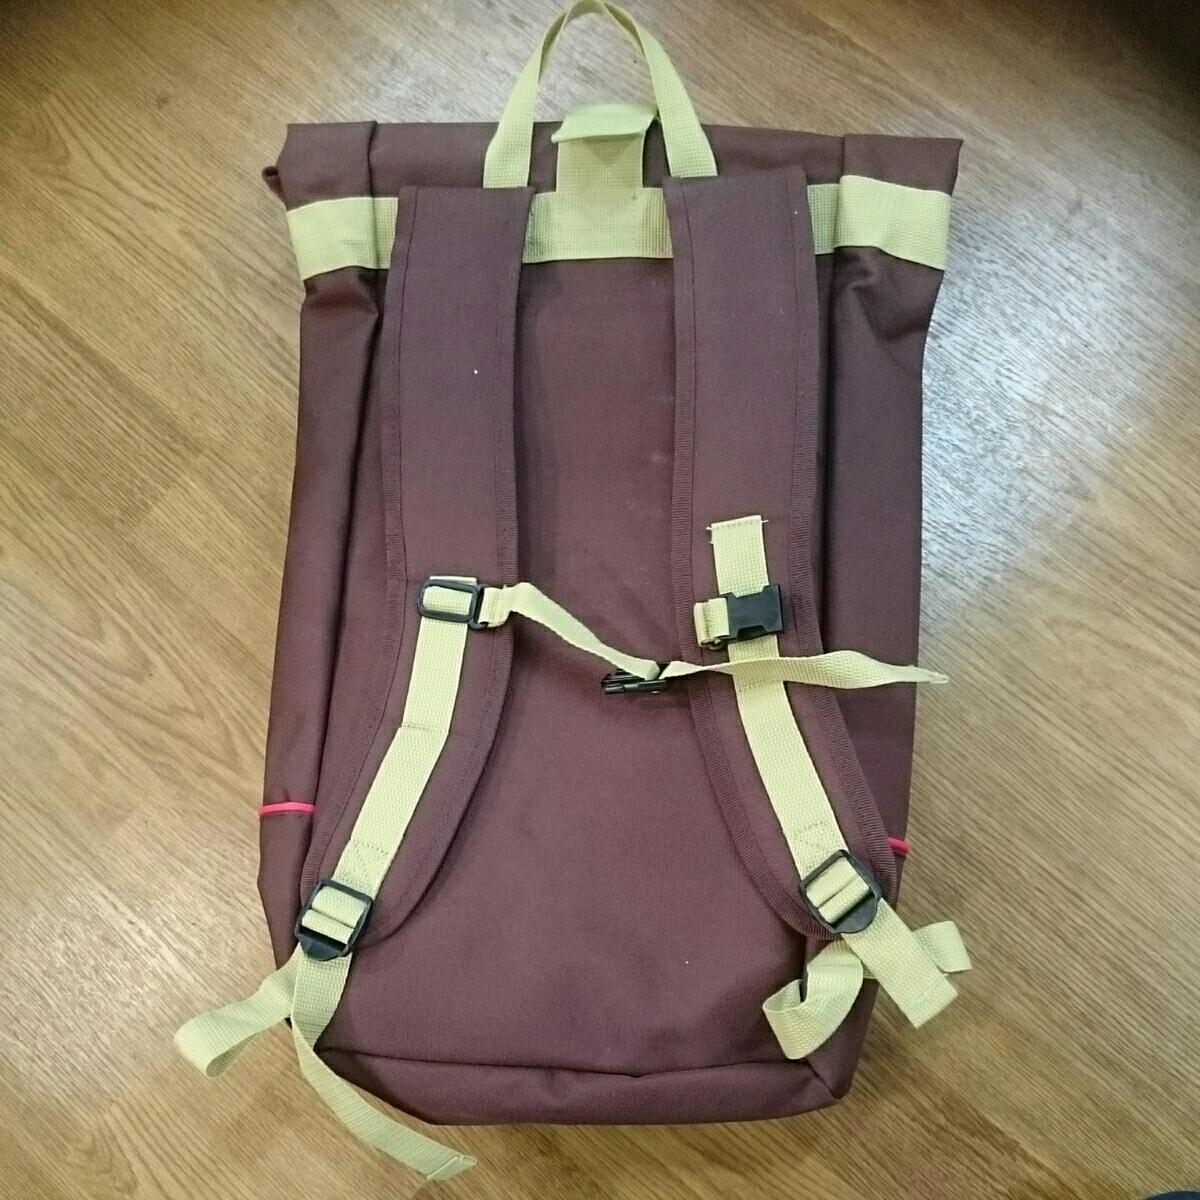 ABUS メッセンジャーバッグ 未使用品 防水 雨の日も問題なし 日焼け少しあります。_画像4